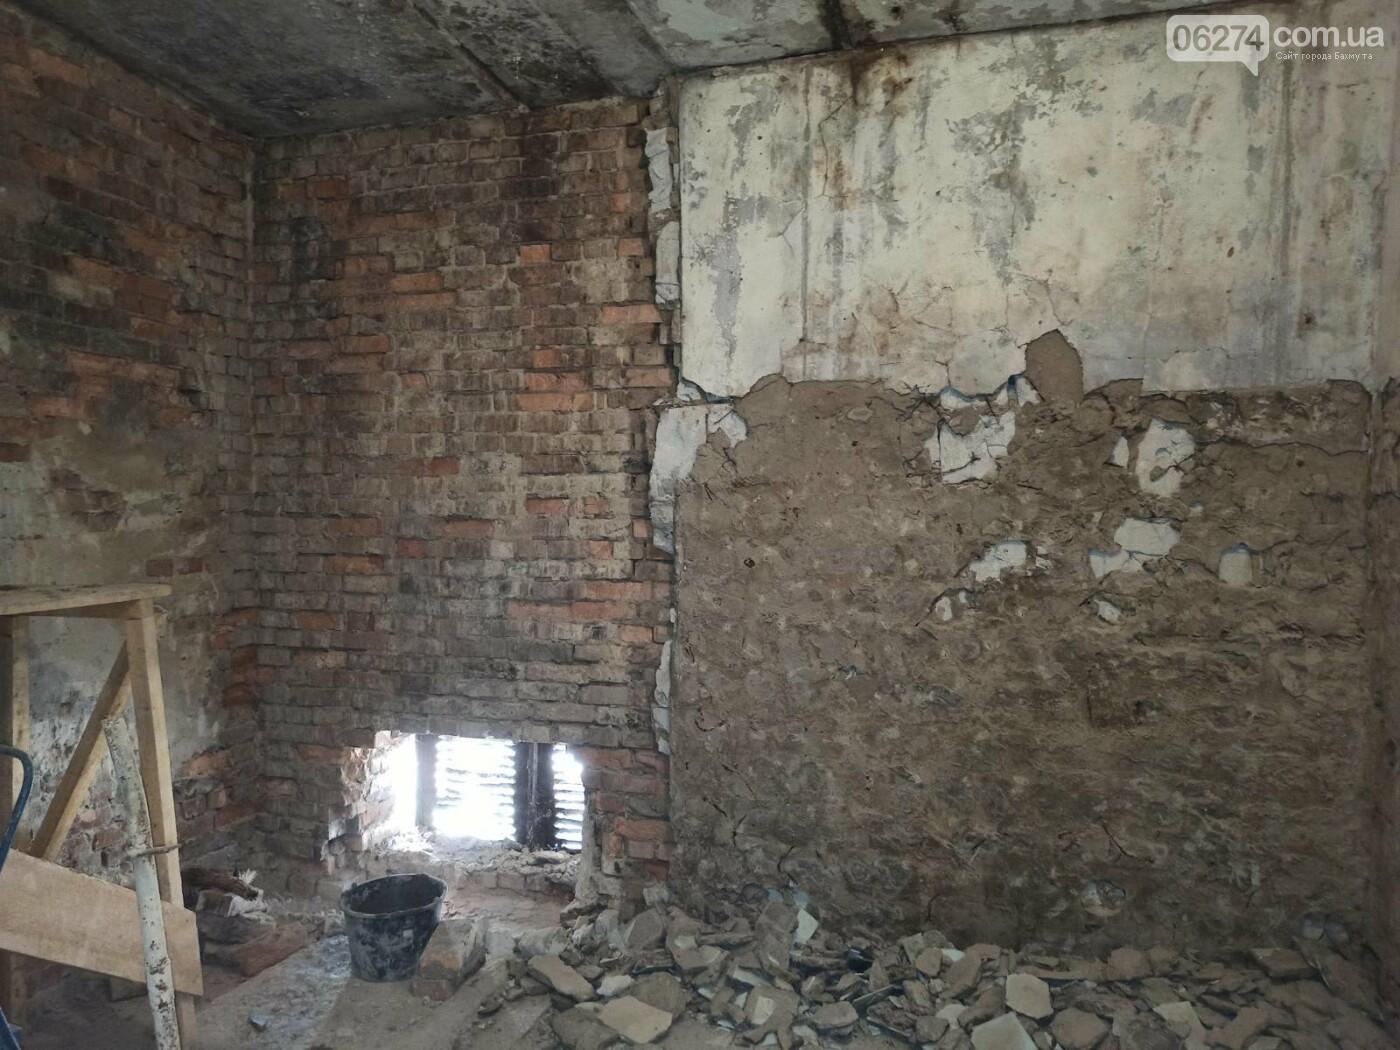 В Бахмуте начали ремонт в патологоанатомическом отделении (ФОТОФАКТ), фото-8